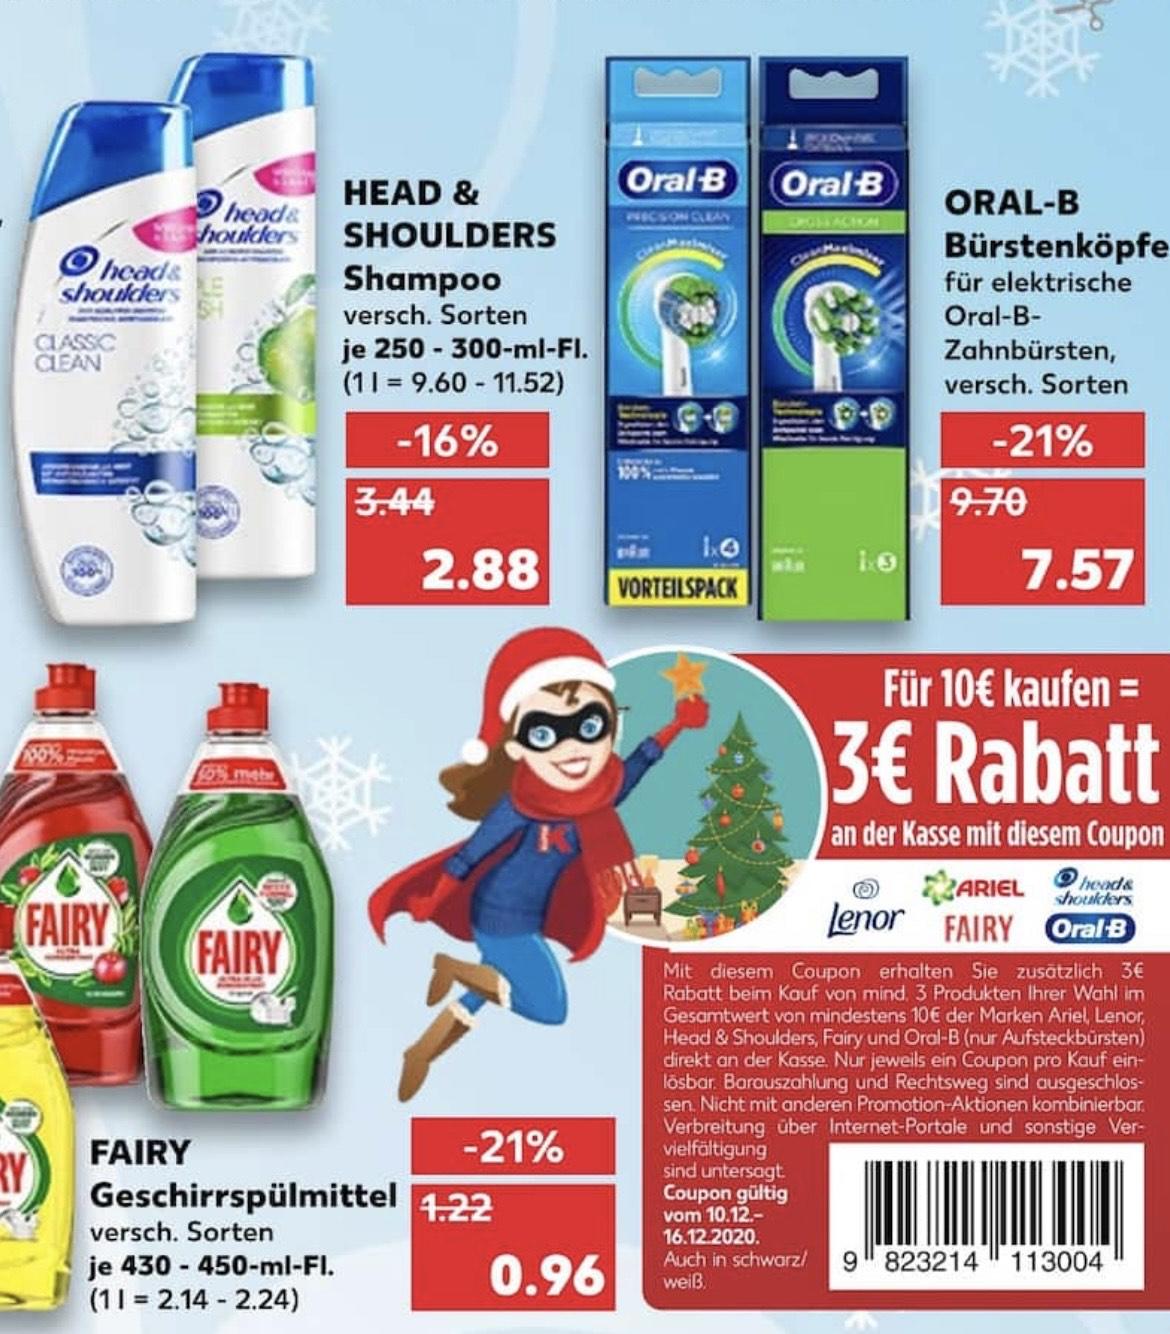 Head & Shoulders mit Coupon zum Superpreis (8,52€ für 4 Flaschen = 2,13€ pro Flasche)